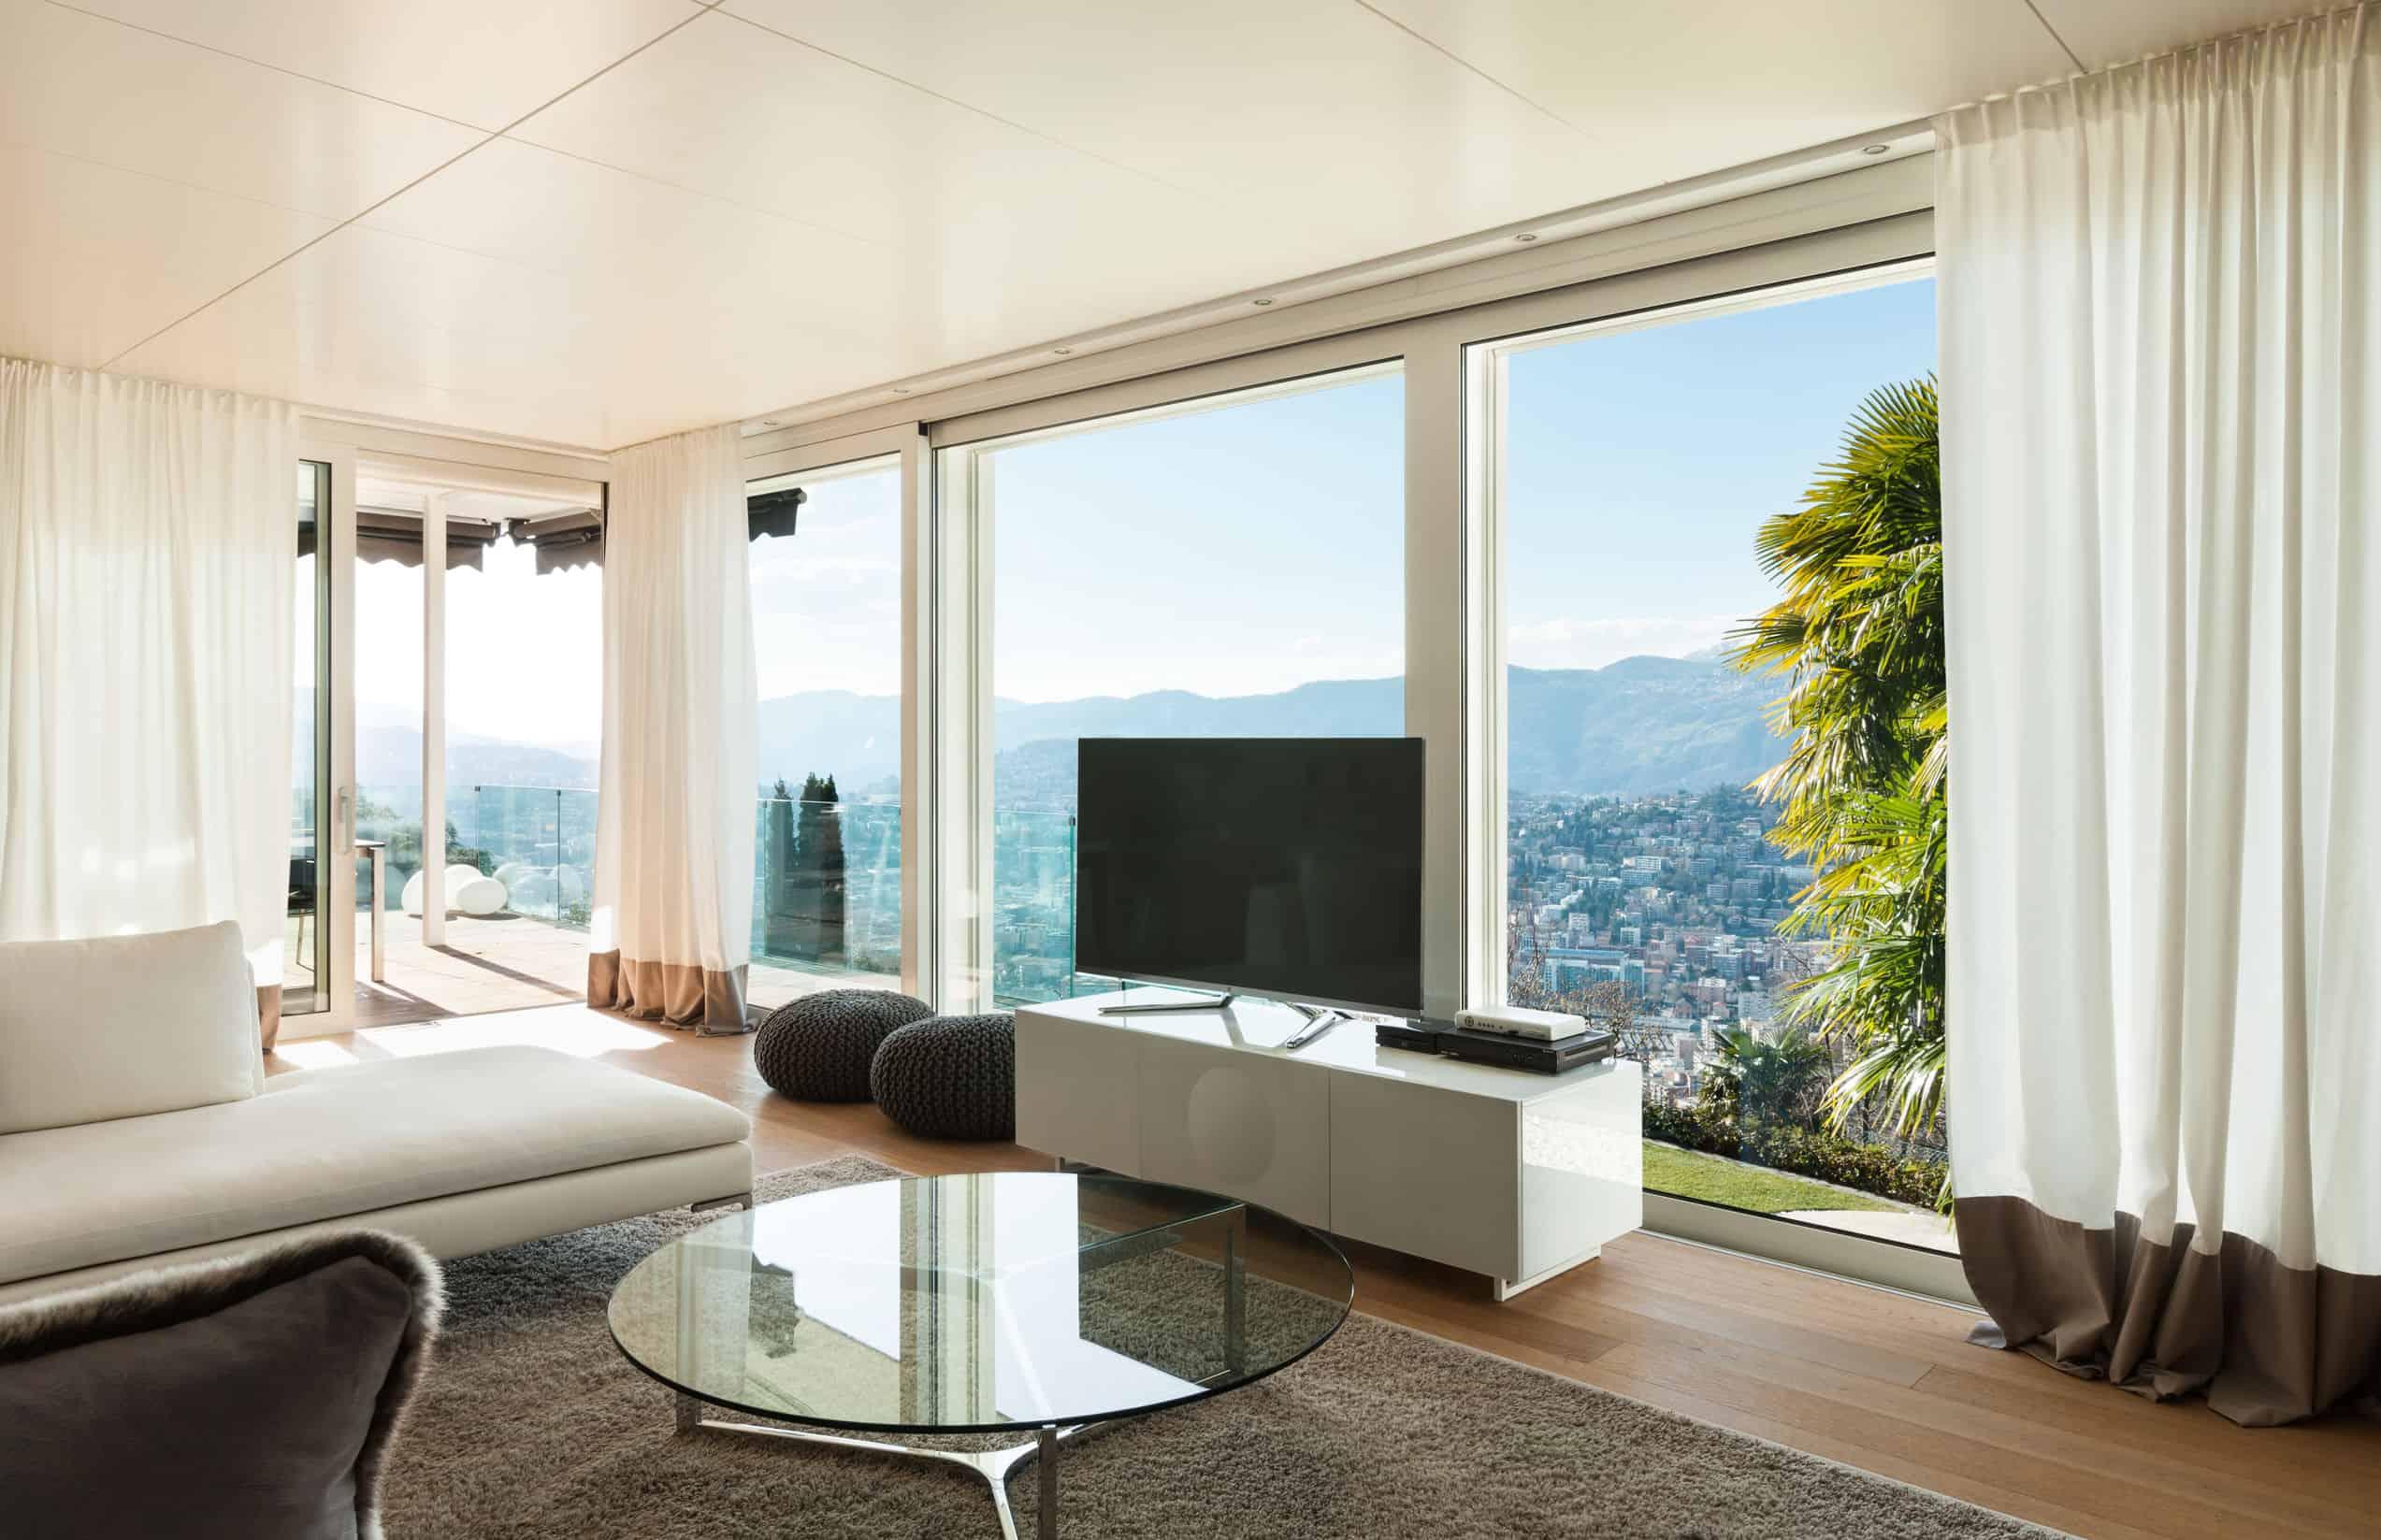 Na foto uma sala de estar com um televisor em frente a uma janela com a vista para a cidade.